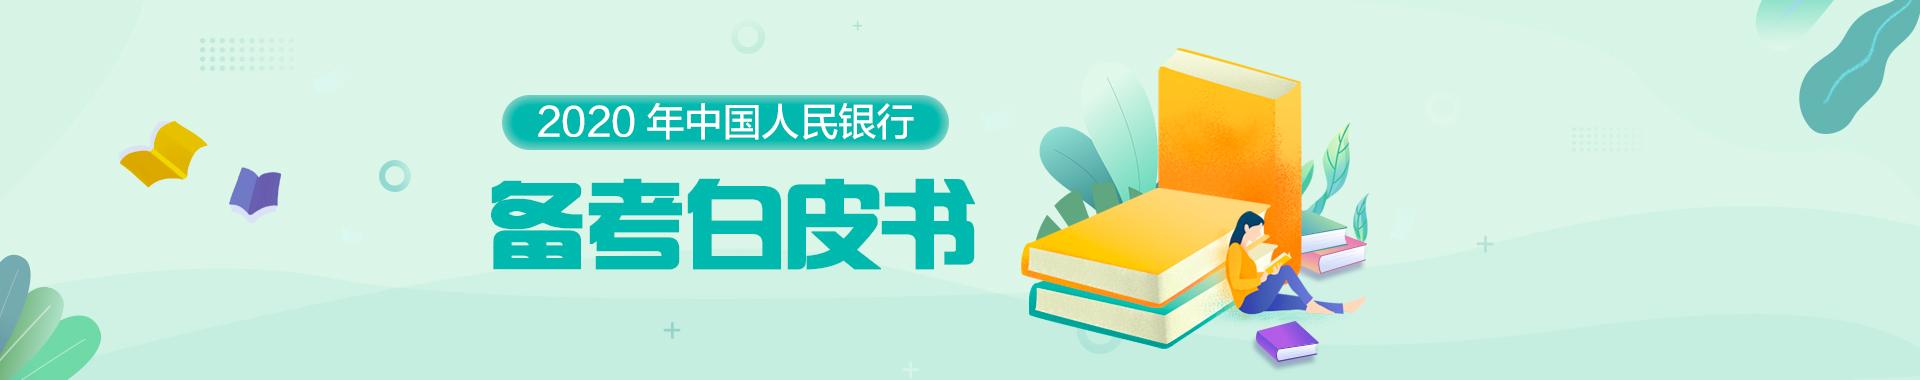 2020中国人民银行备考白皮书